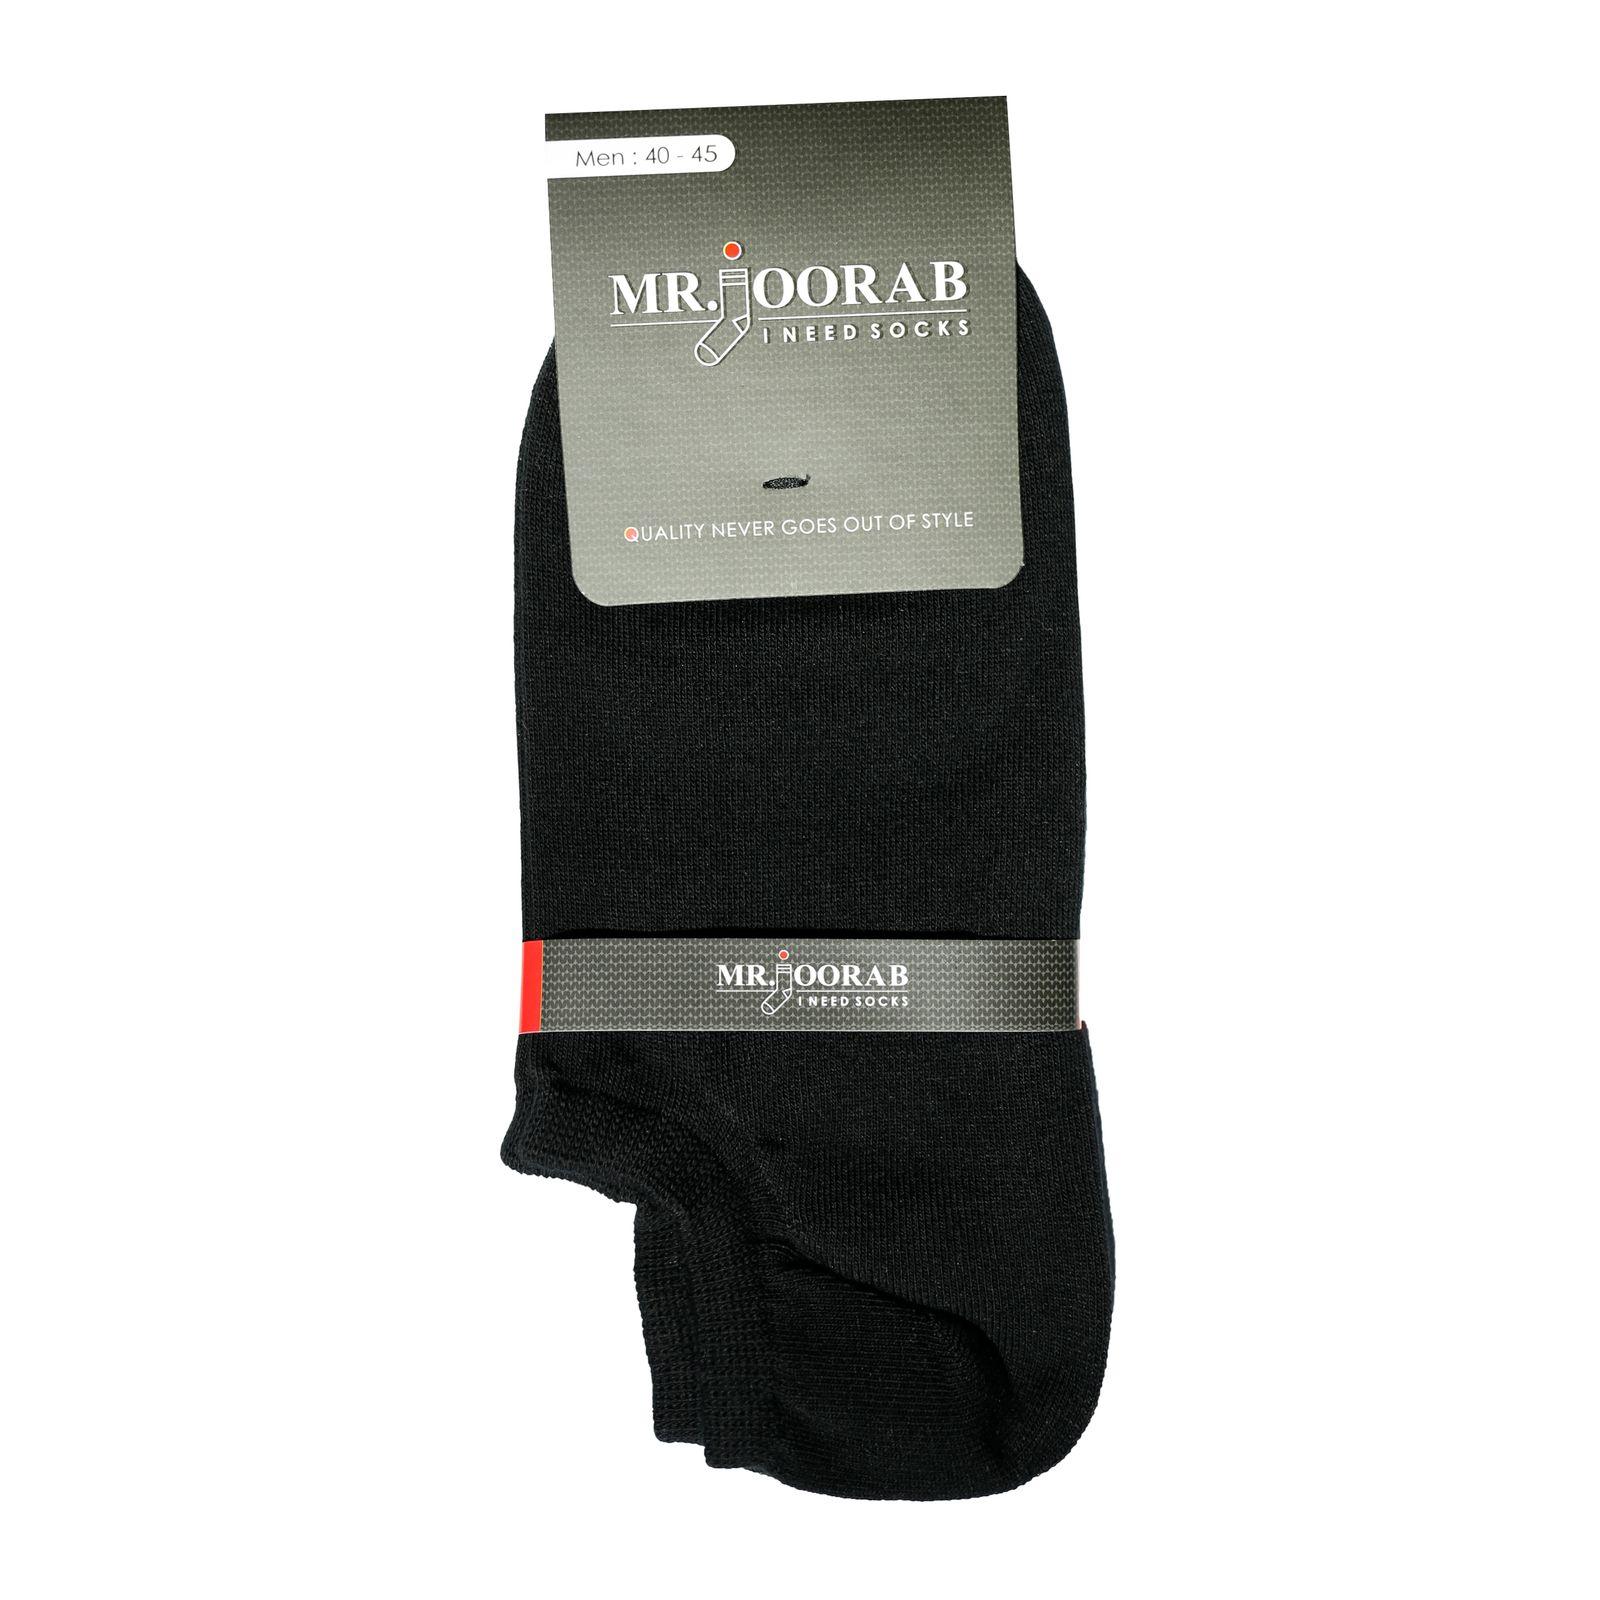 جوراب مردانه مستر جوراب کد BL-MRM 107 بسته 12 عددی -  - 3